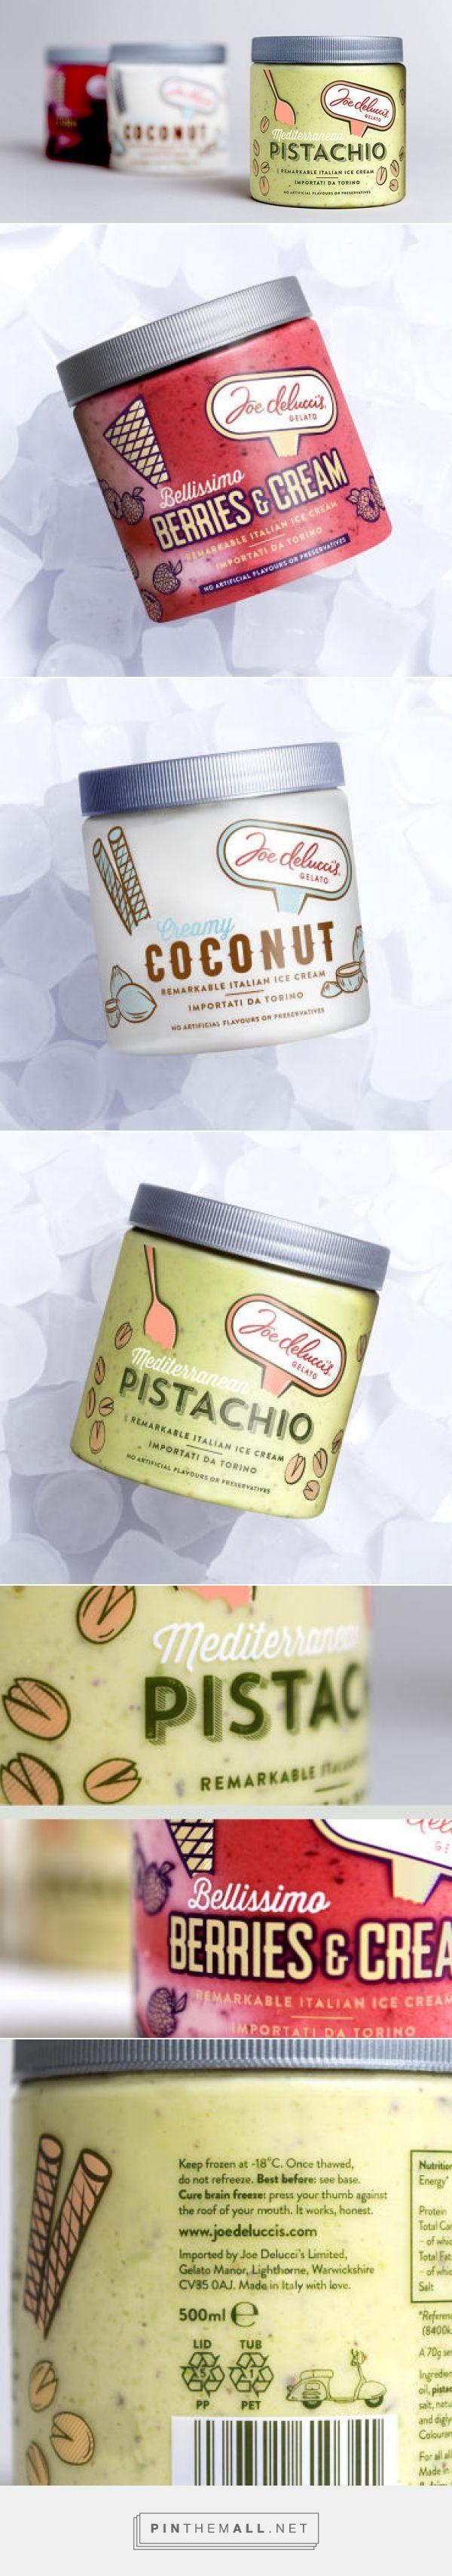 Gelato Ice Cream Packaging Design